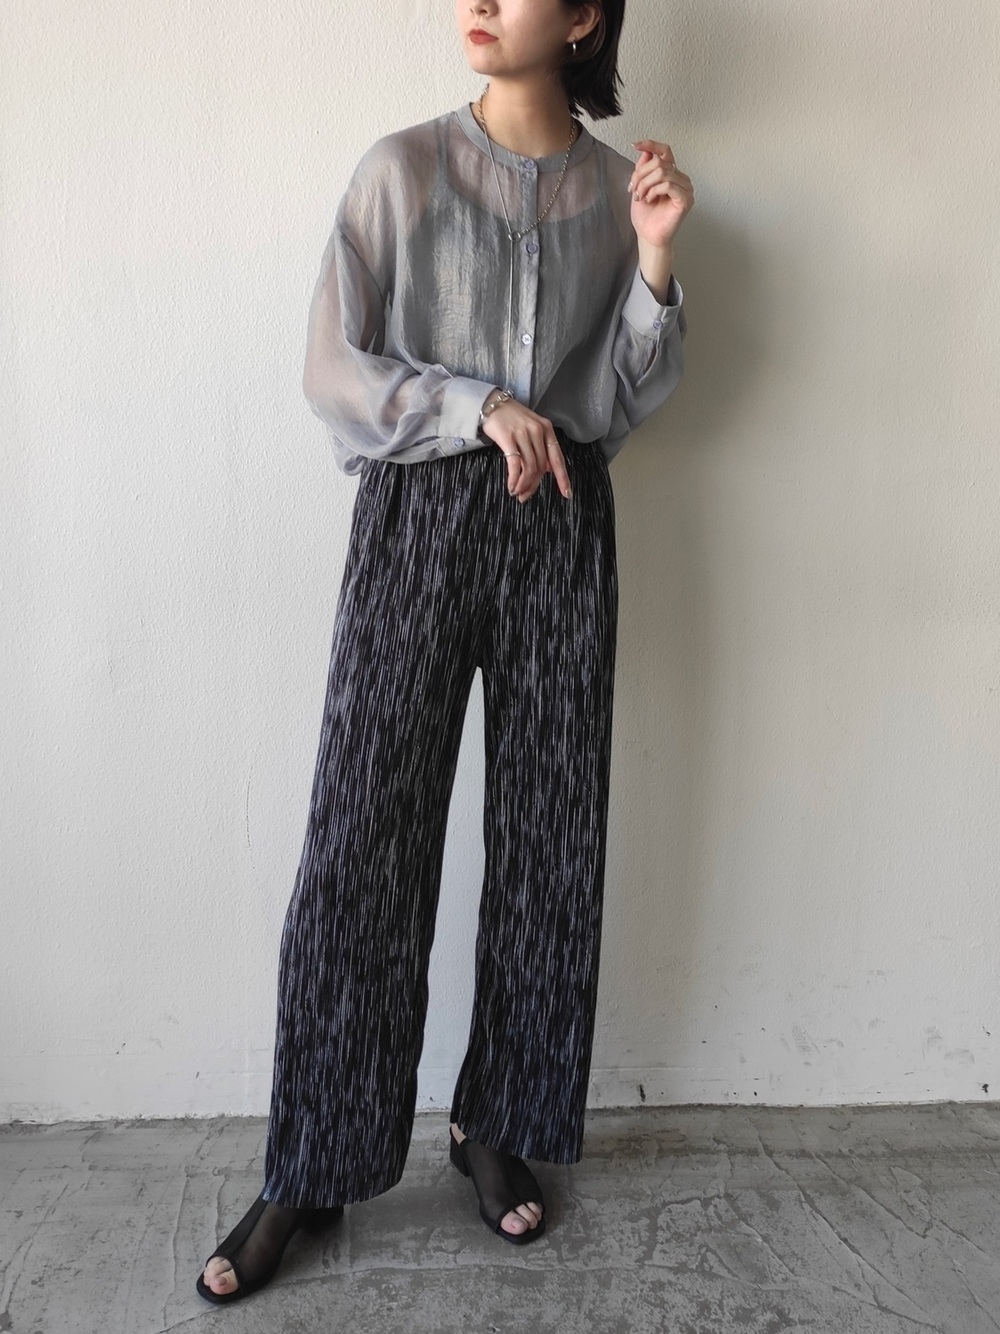 _流行のシアーシャツは大人っぽいグレーを選んで、全体に引き締め感を